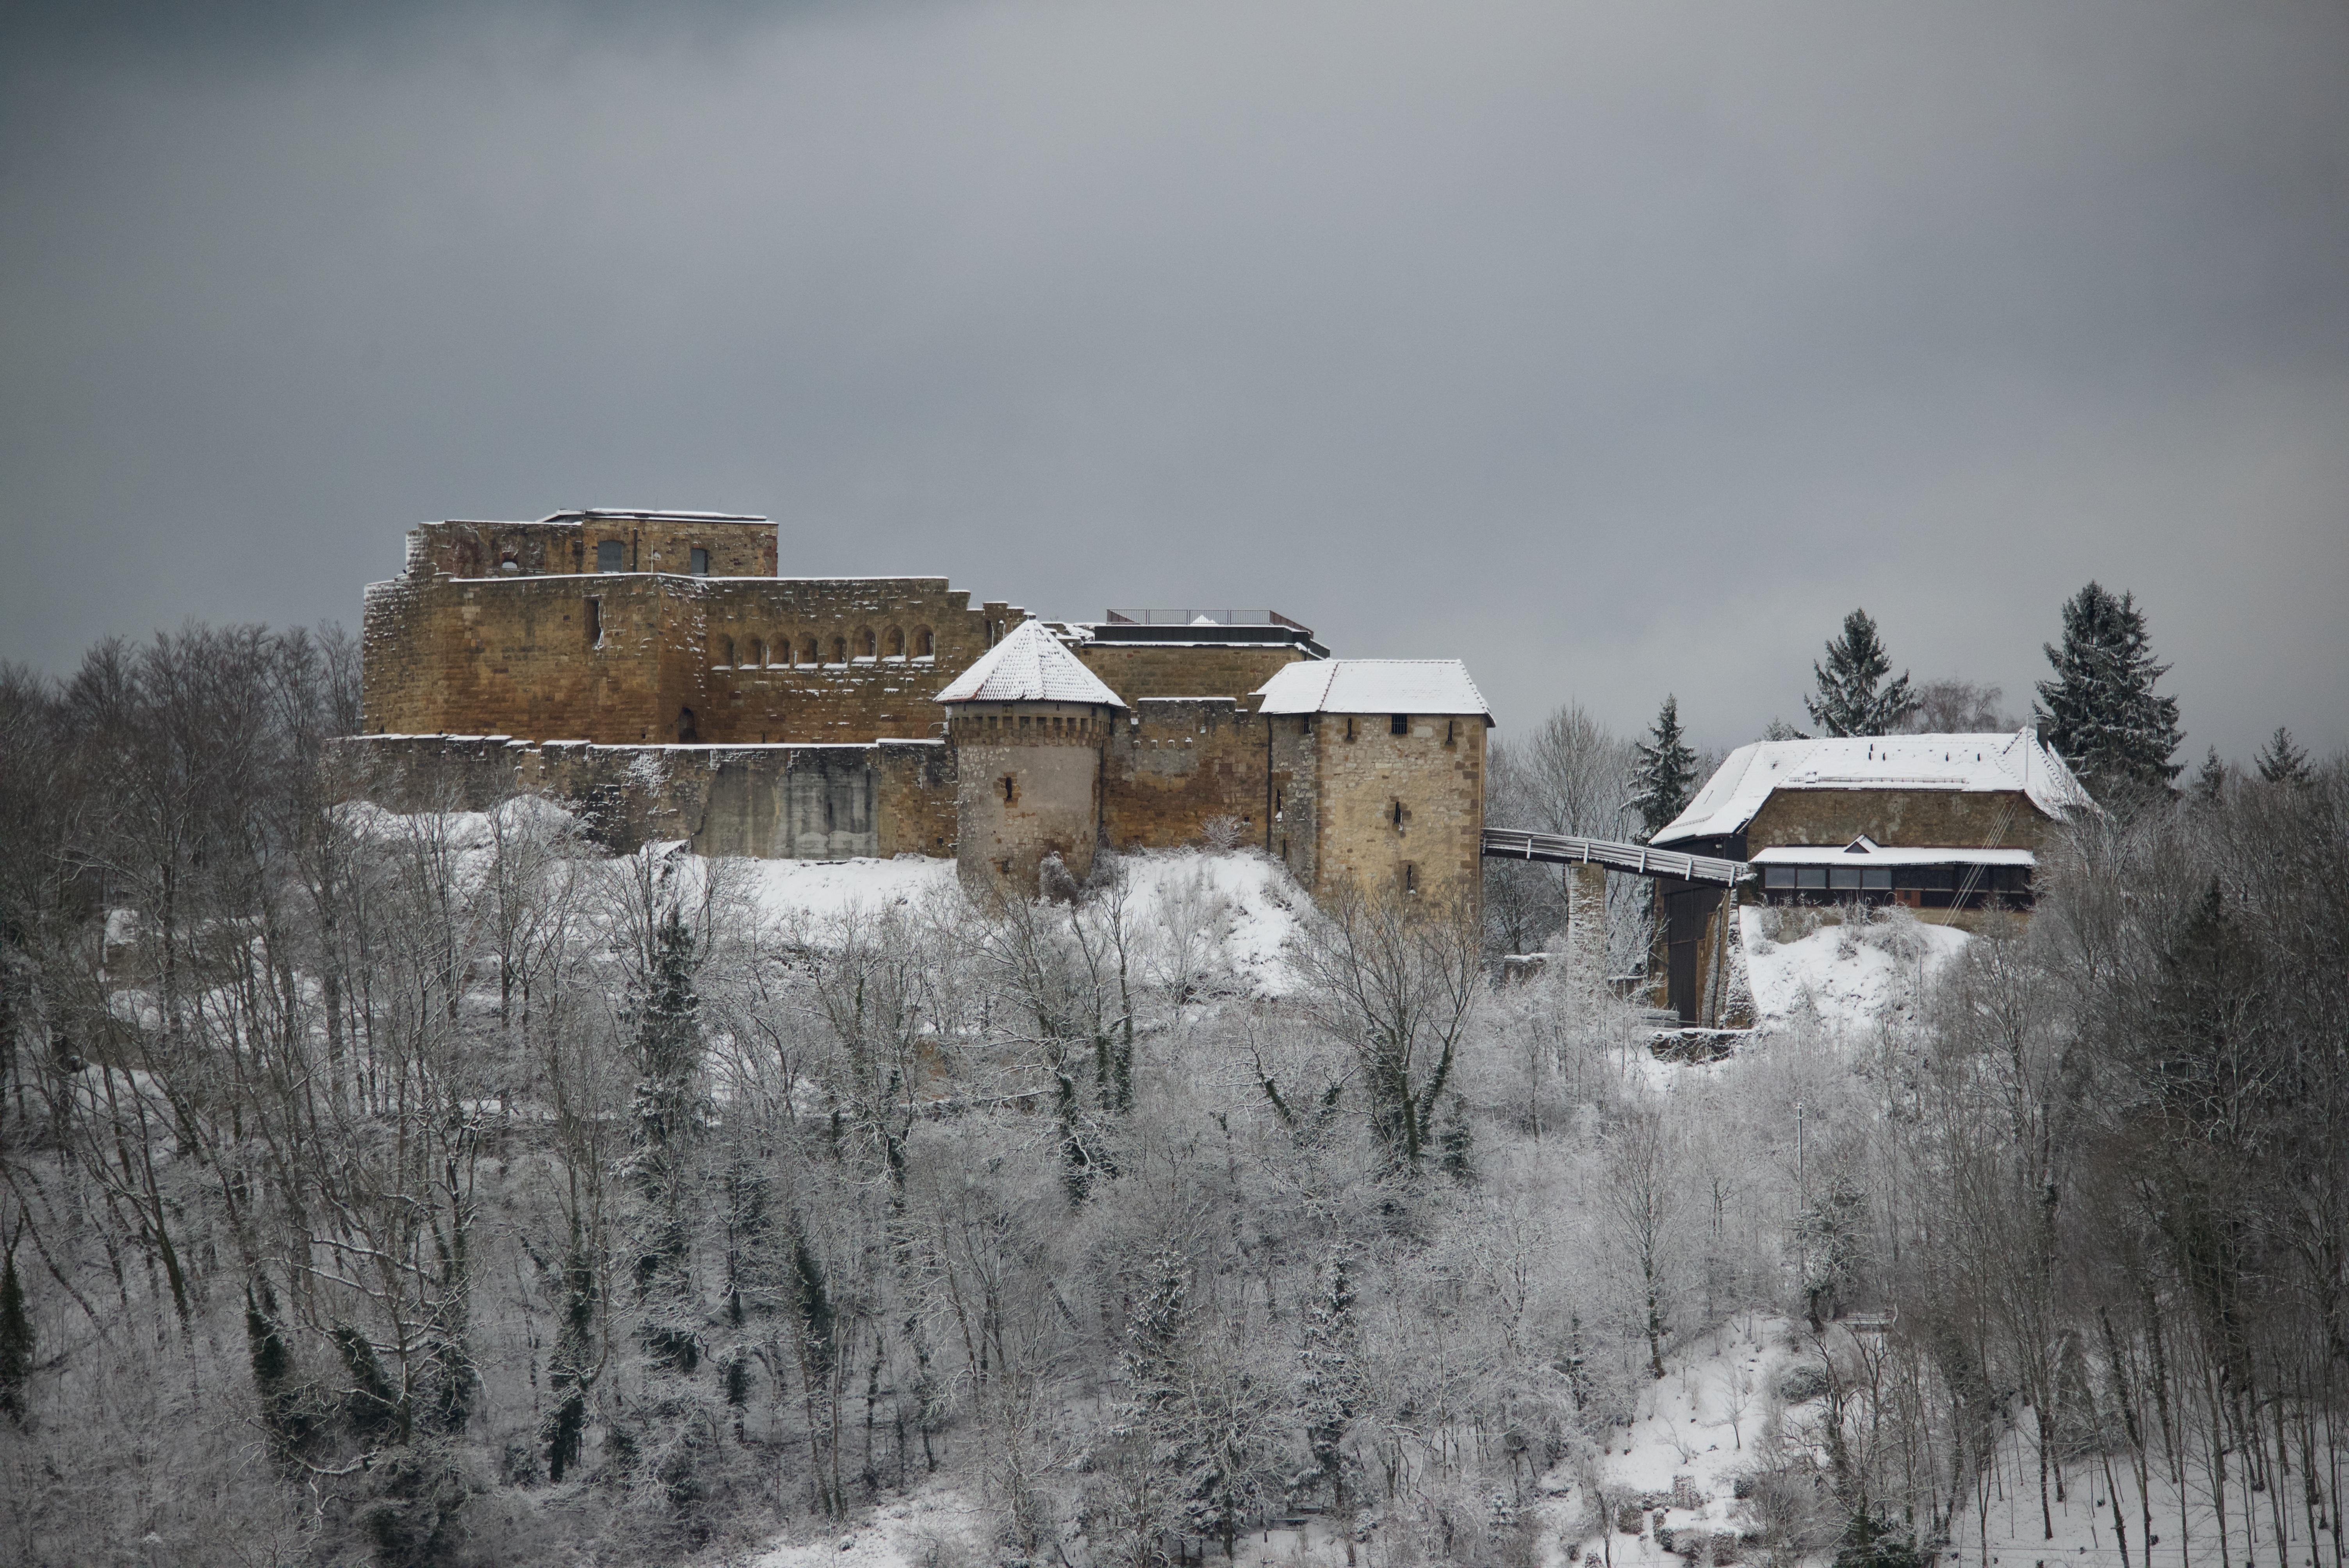 Die Ruine von Südosten aus gesehen